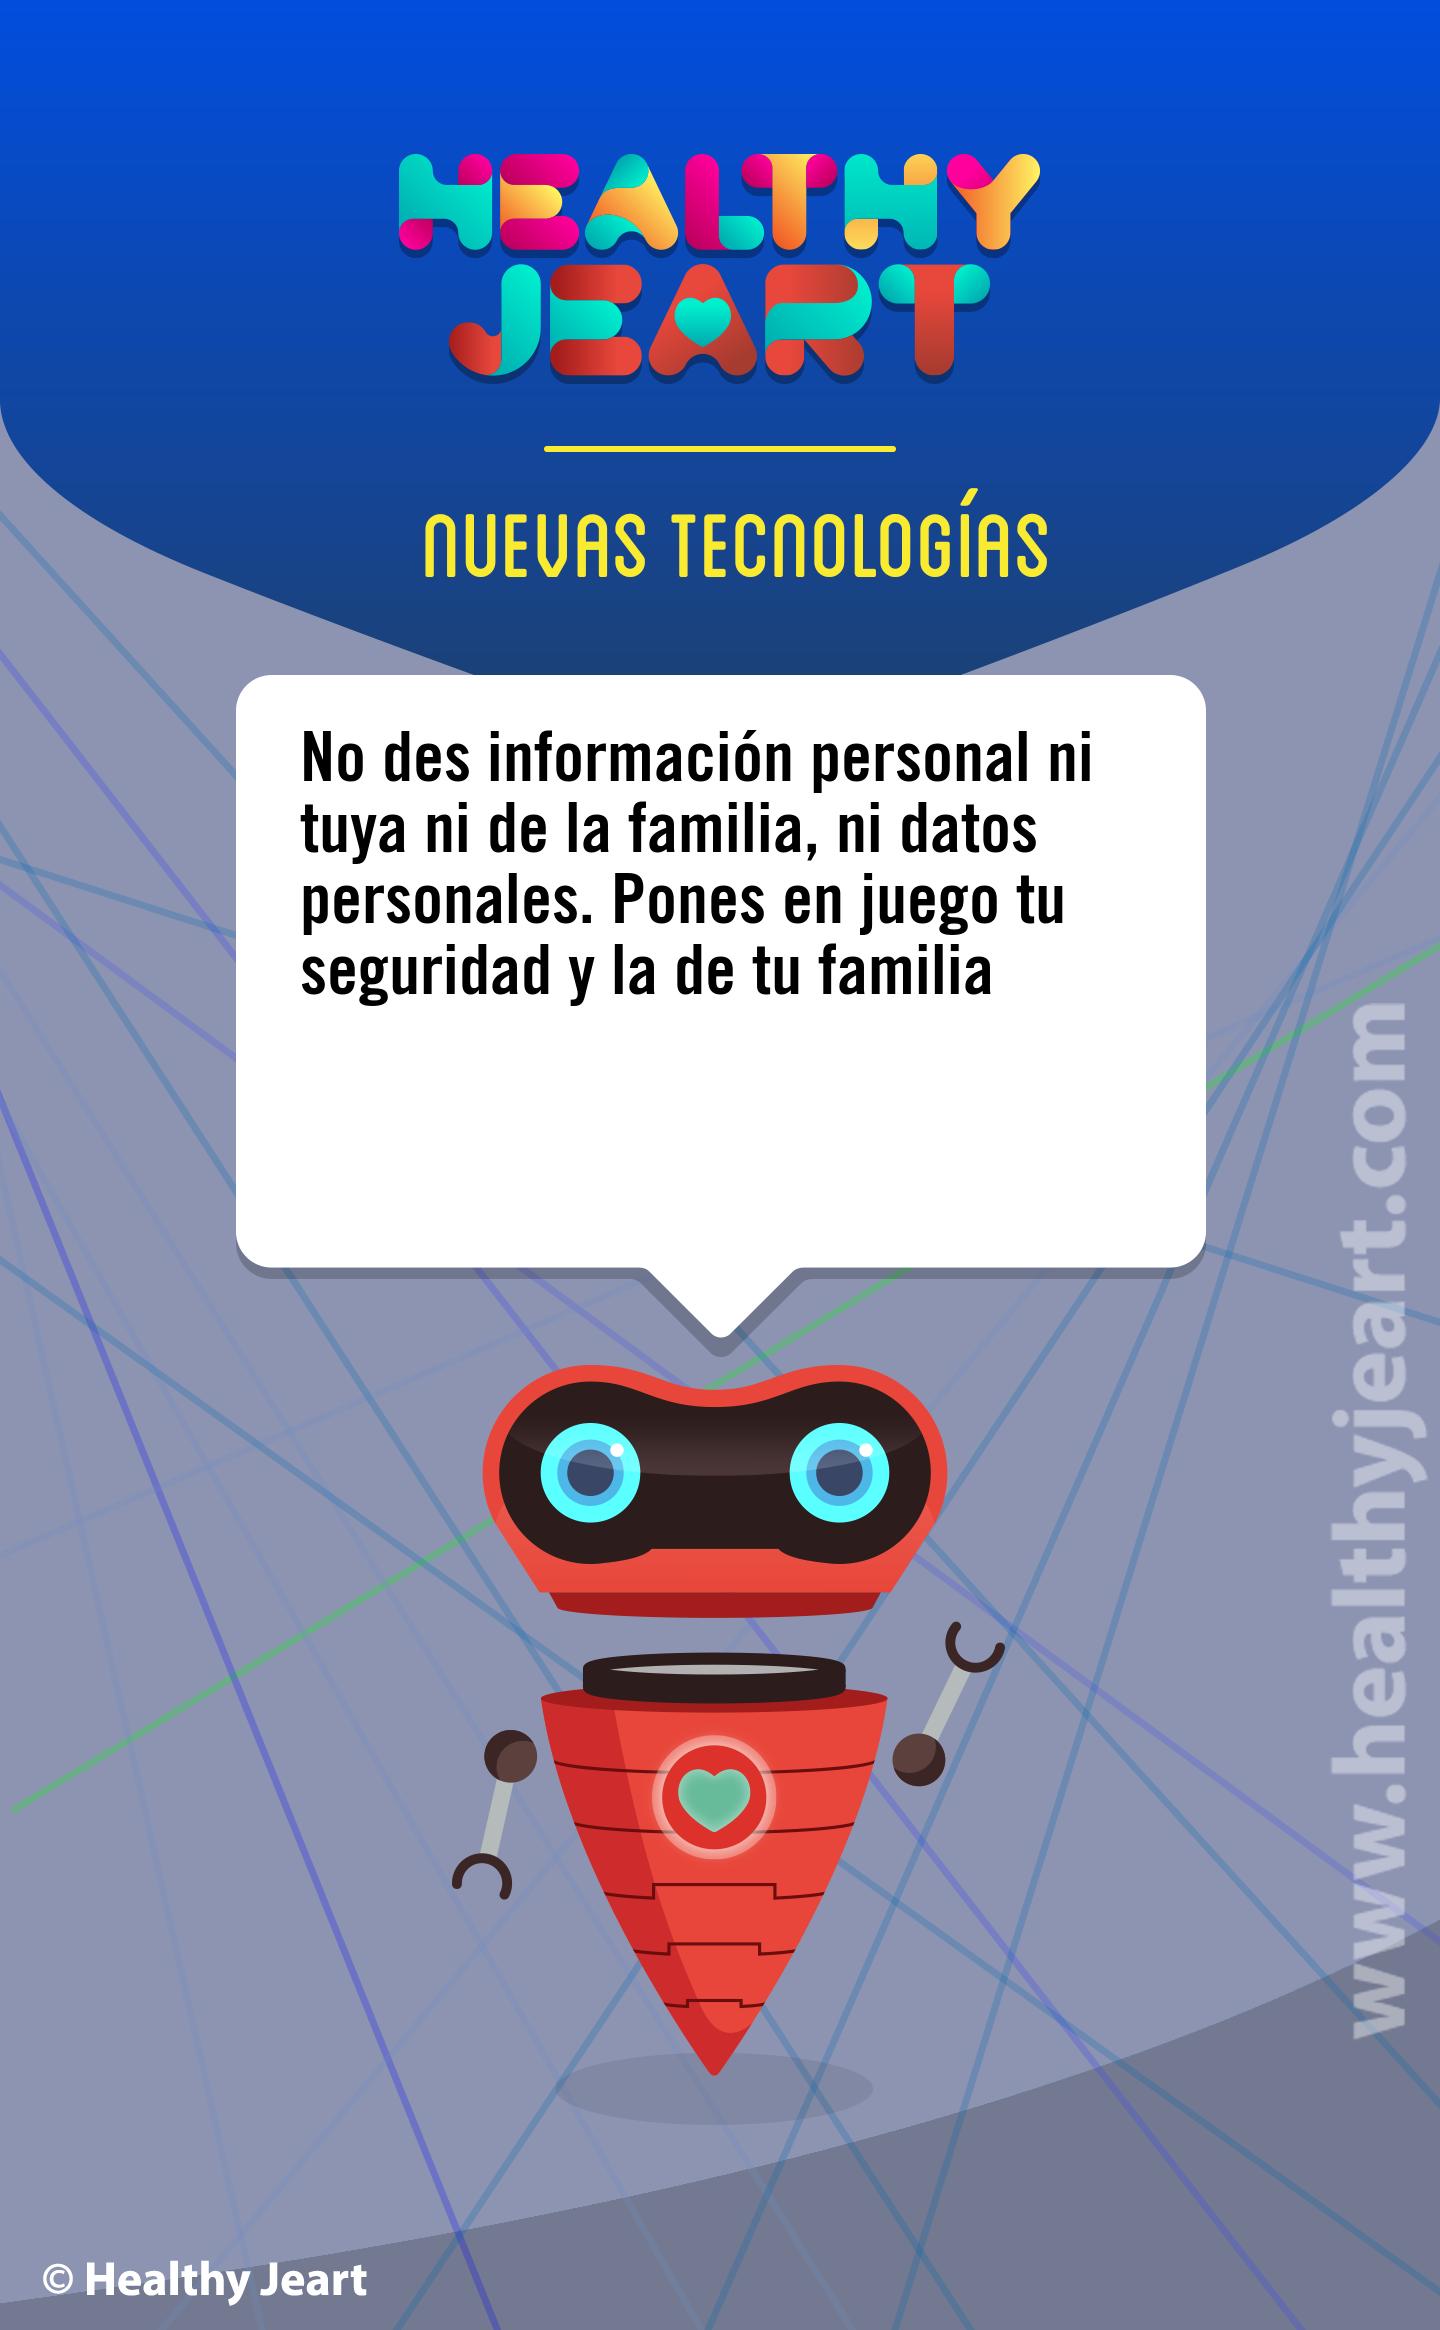 No des información personal ni tuya ni de la familia, ni datos personales. Pones en juego tu seguridad y la de tu familia